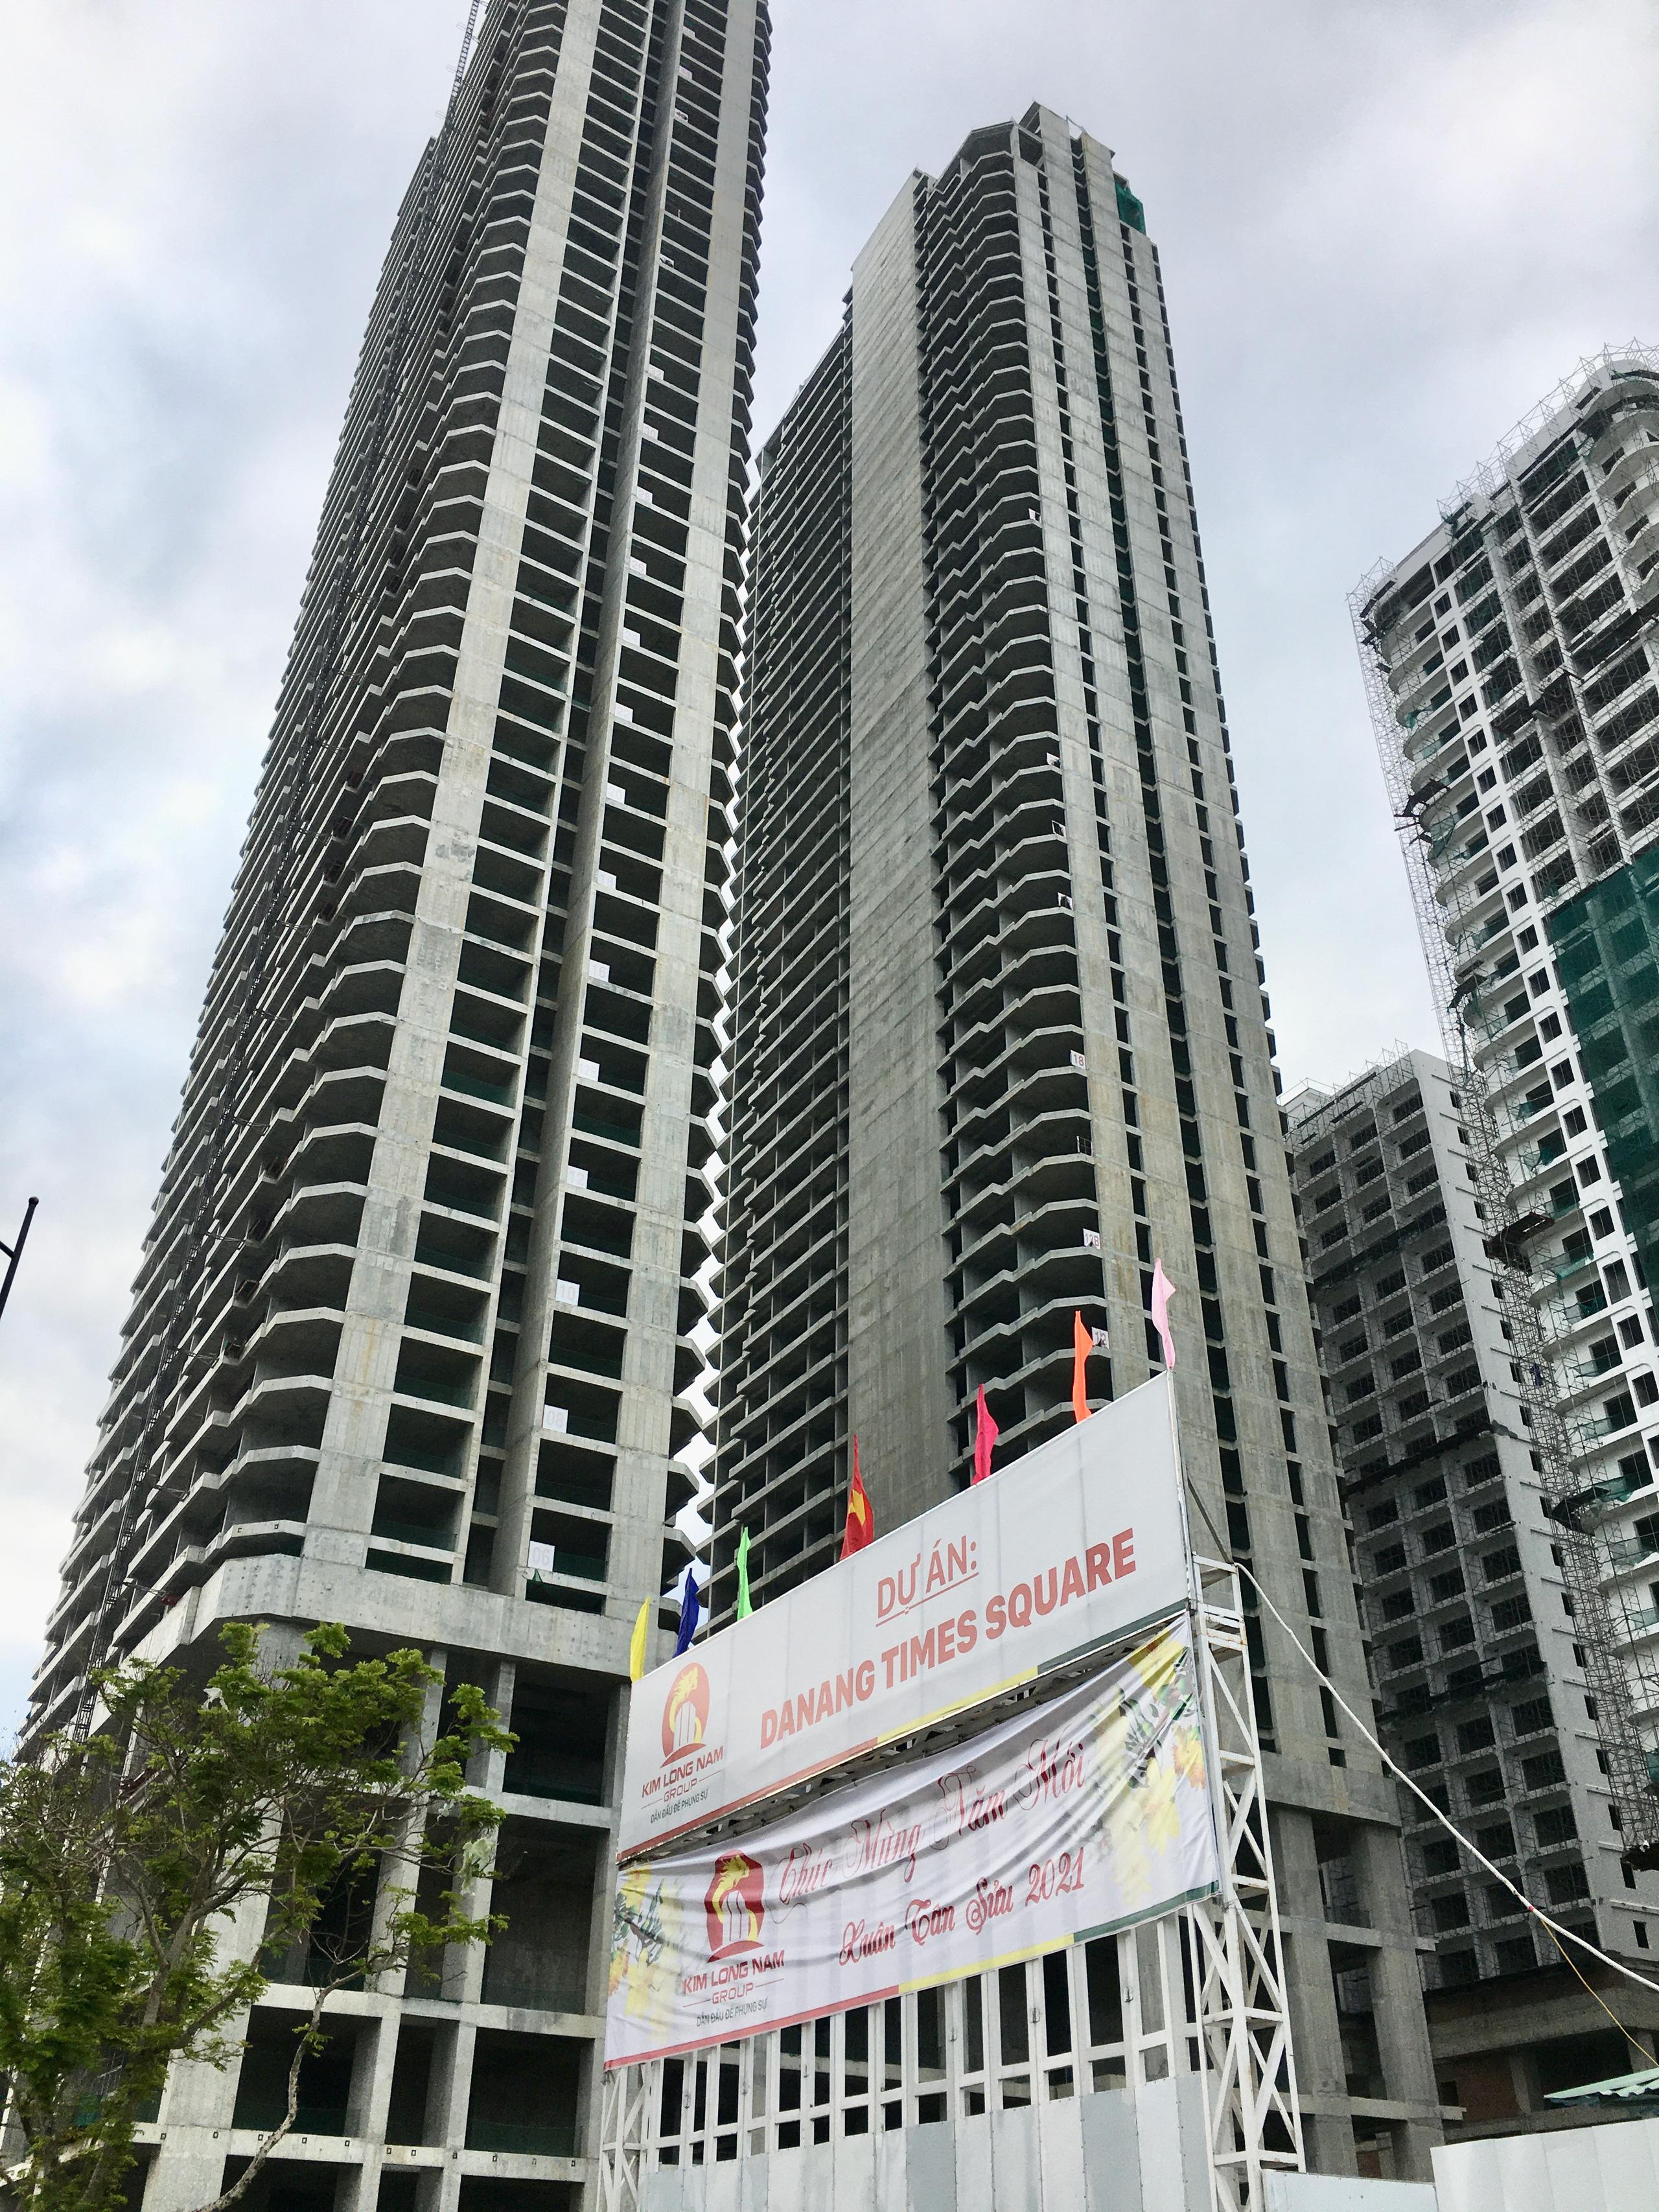 Dự án Da Nang Times Square xin chuyển hàng nghìn căn condotel sang chung cư - Ảnh 1.